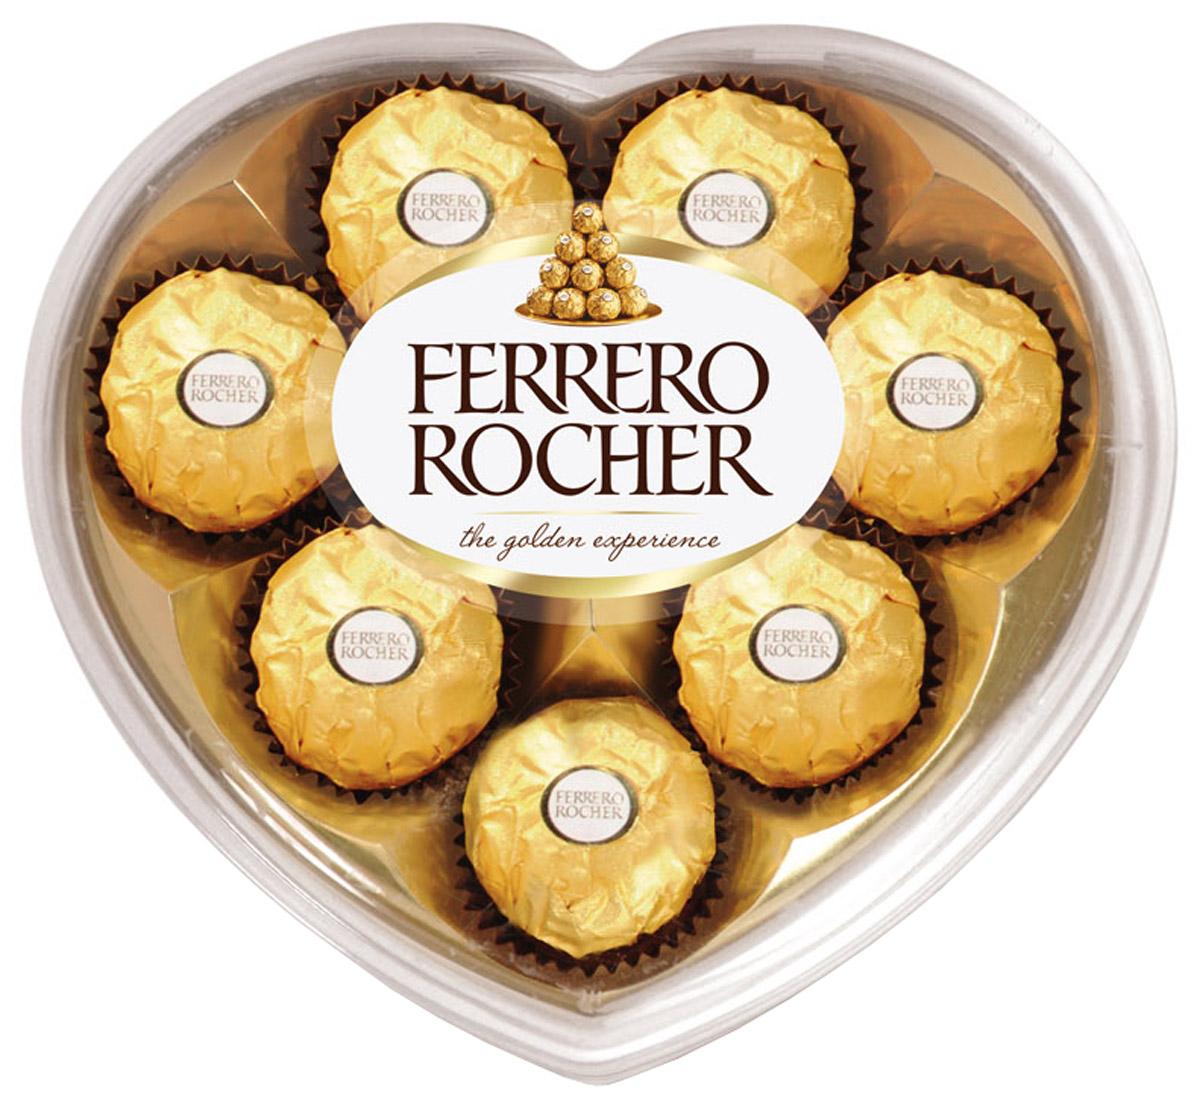 Ferrero Rocher конфеты хрустящие из молочного шоколада, покрытые измельченными орешками, с начинкой из крема и лесного ореха, 100 г8253164Отборный цельный лесной орех в окружении молочного шоколада и нежного орехового крема, заключенные в хрустящую вафельную оболочку, покрытую шоколадно-ореховой крошкой.